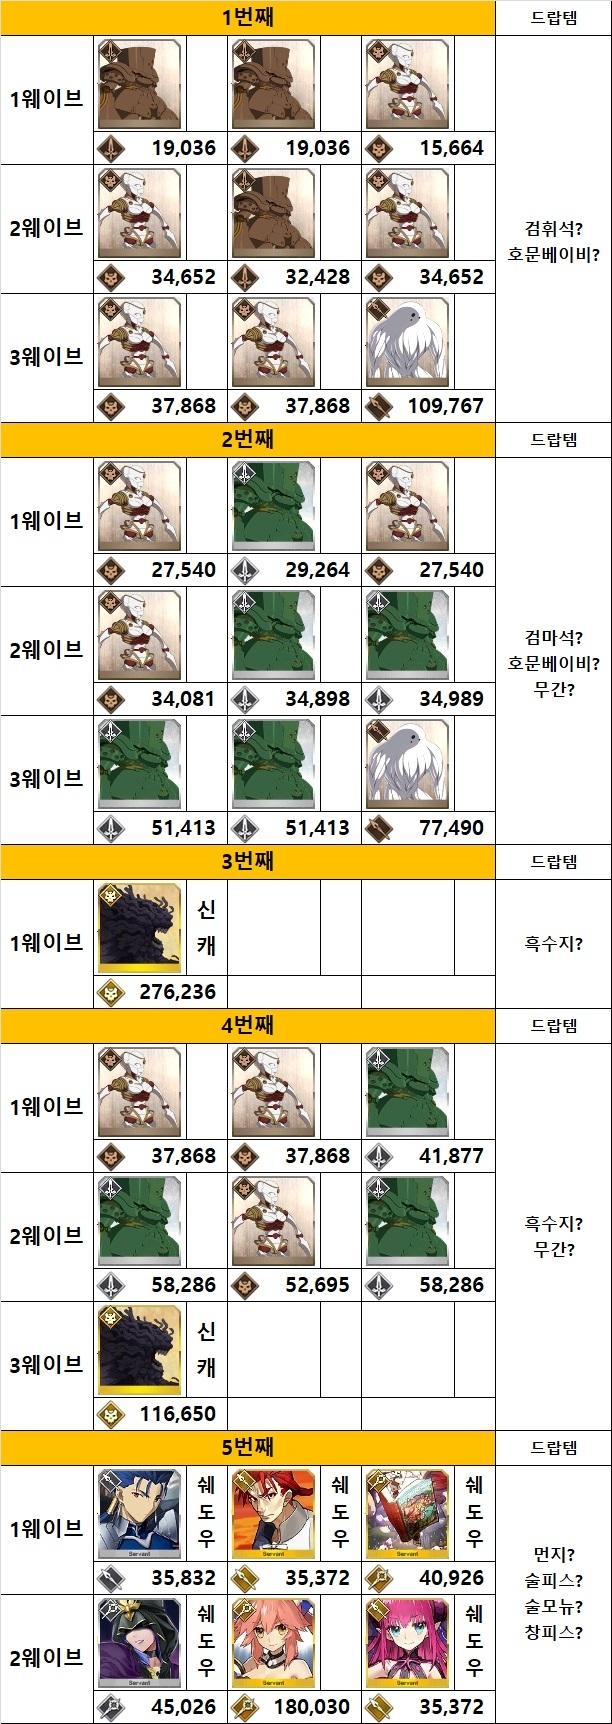 7키요히메 강화퀘.jpg